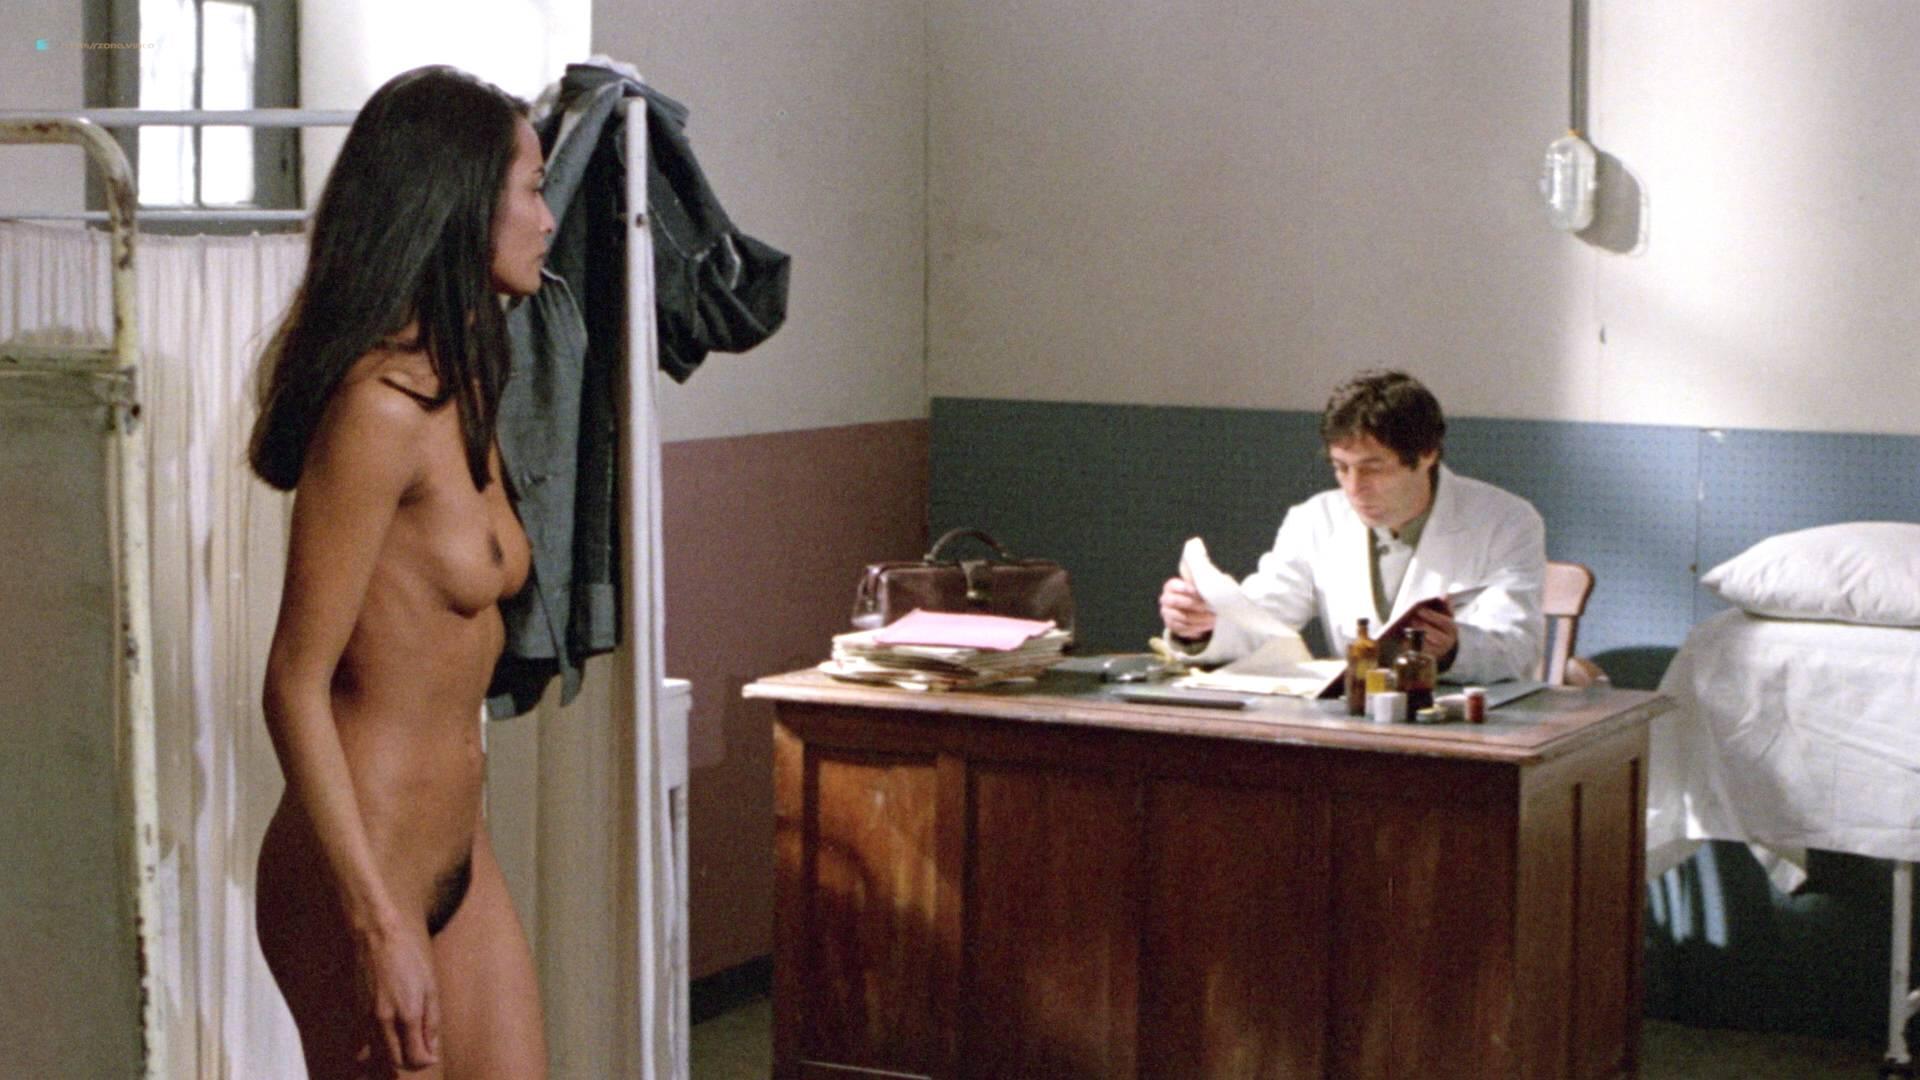 Antonella giacomini nude 1982 - 5 5